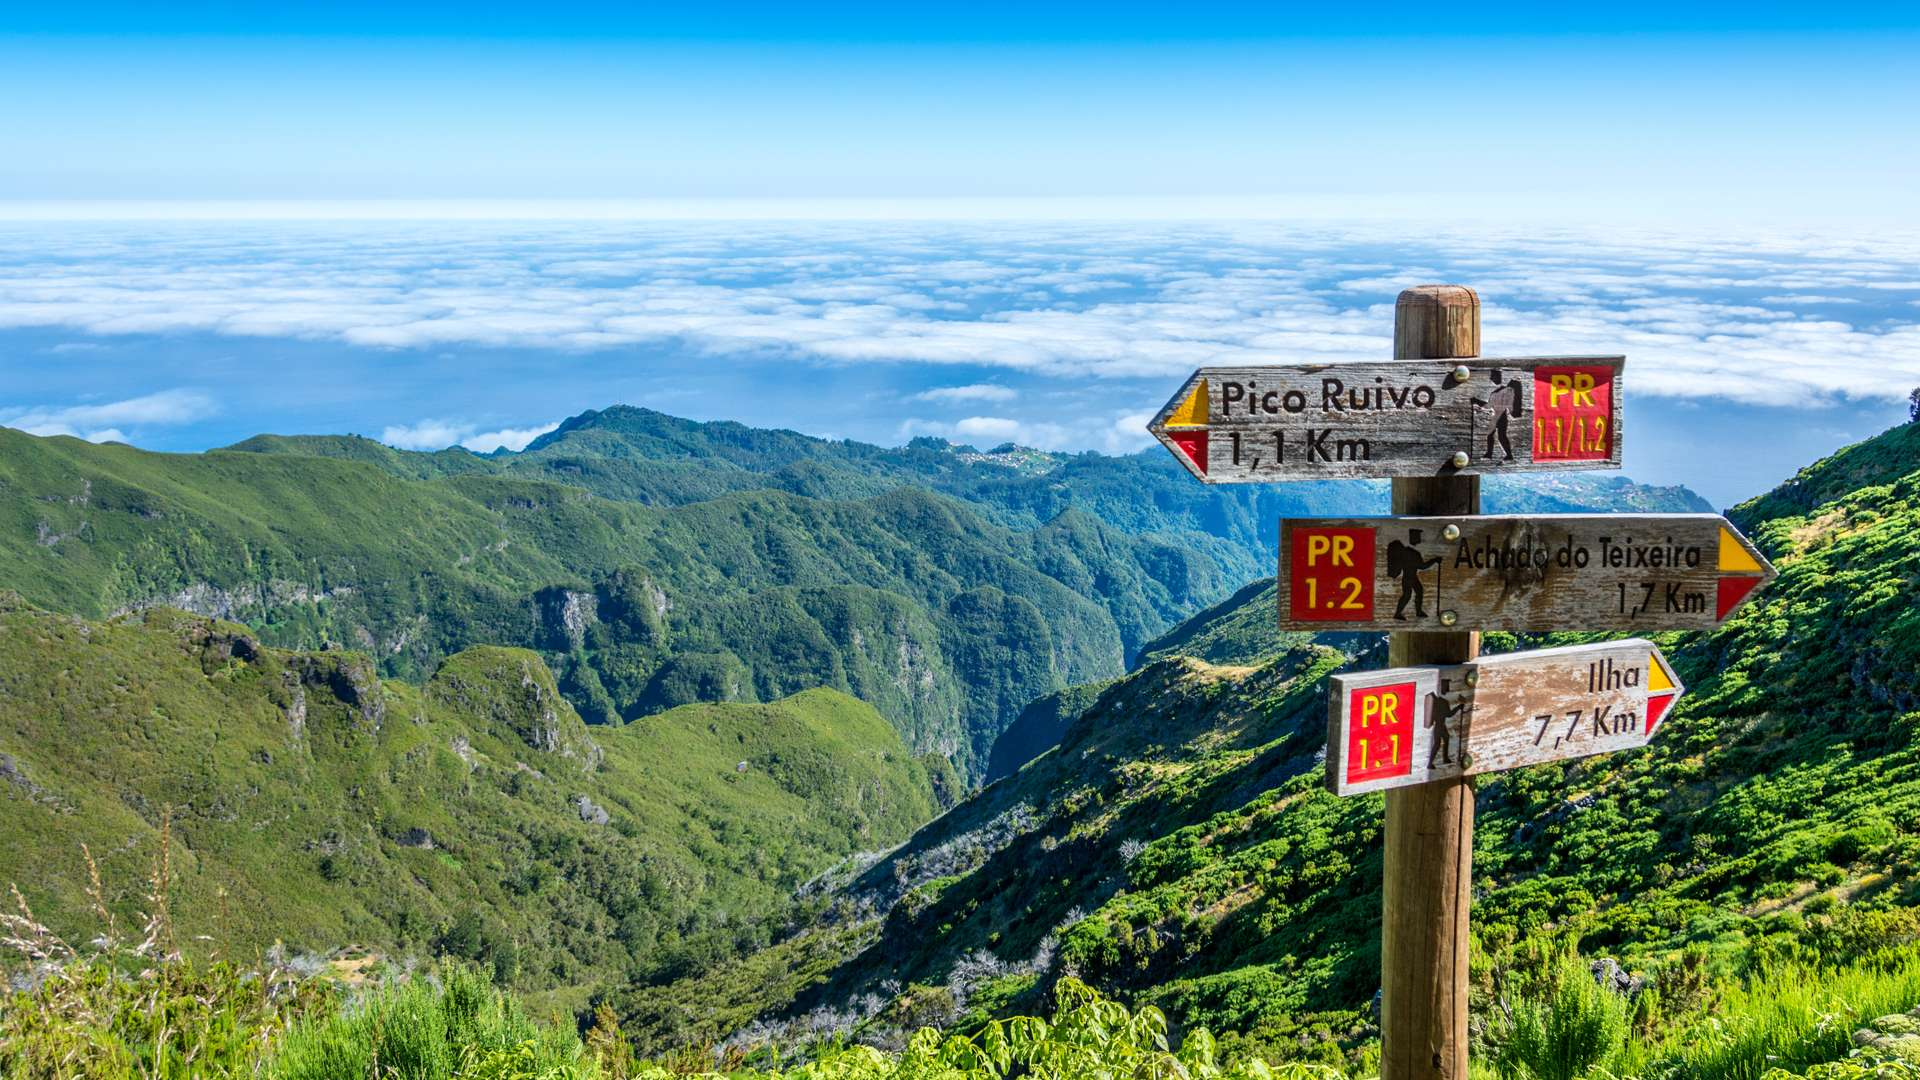 Le Pico Ruivo point culminant de l'île de Madère à 1862 mètres d'altitude au coeur d'une végétation herbacée et arbustive